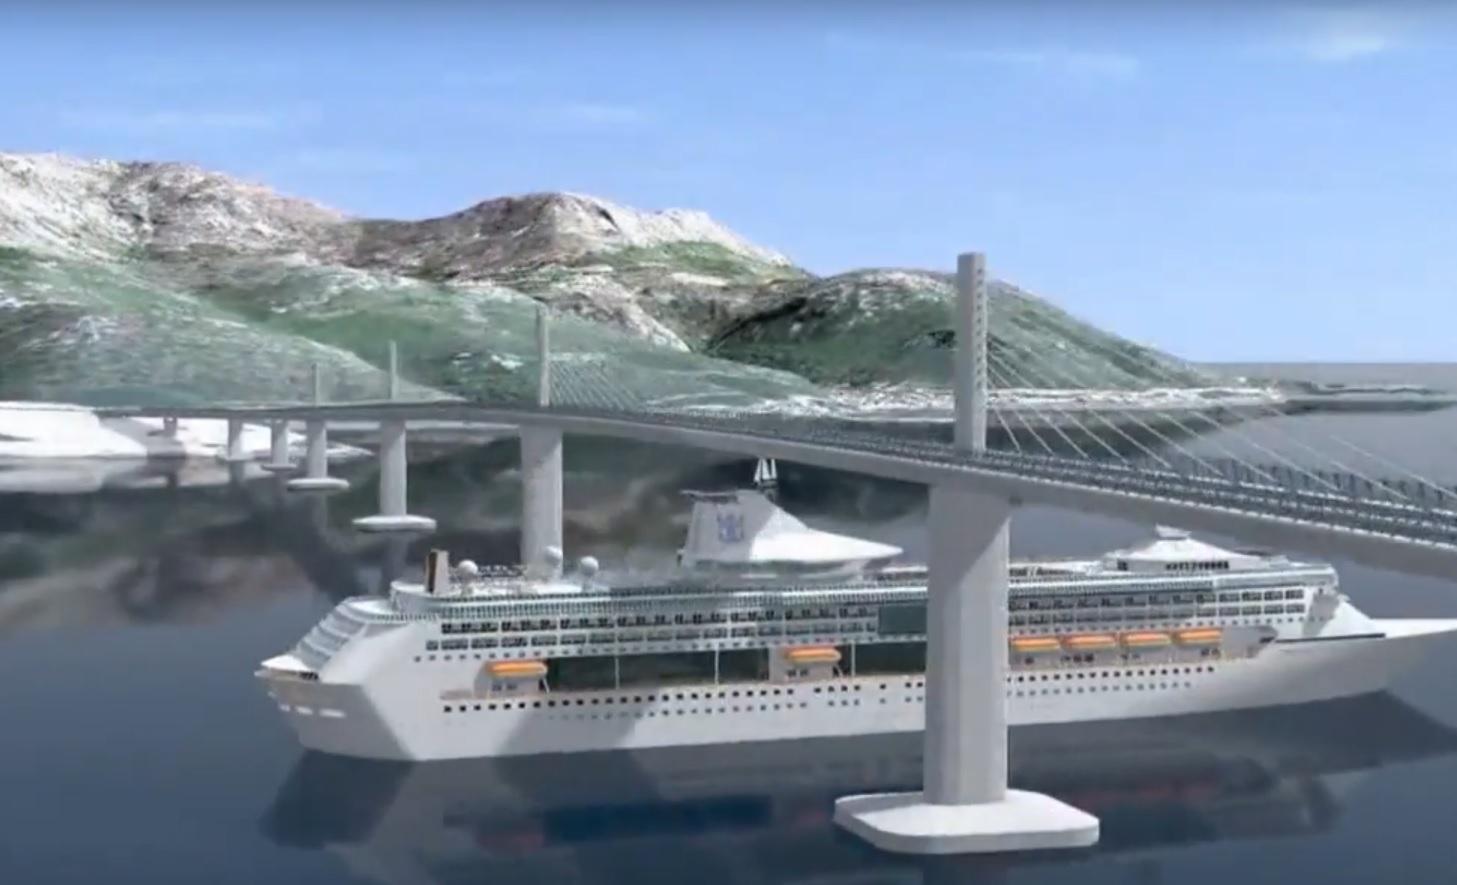 VELIKI PROJEKT: Gdje je zapeo Pelješki most i hoćemo li dobiti novac iz EU fondova?! 1